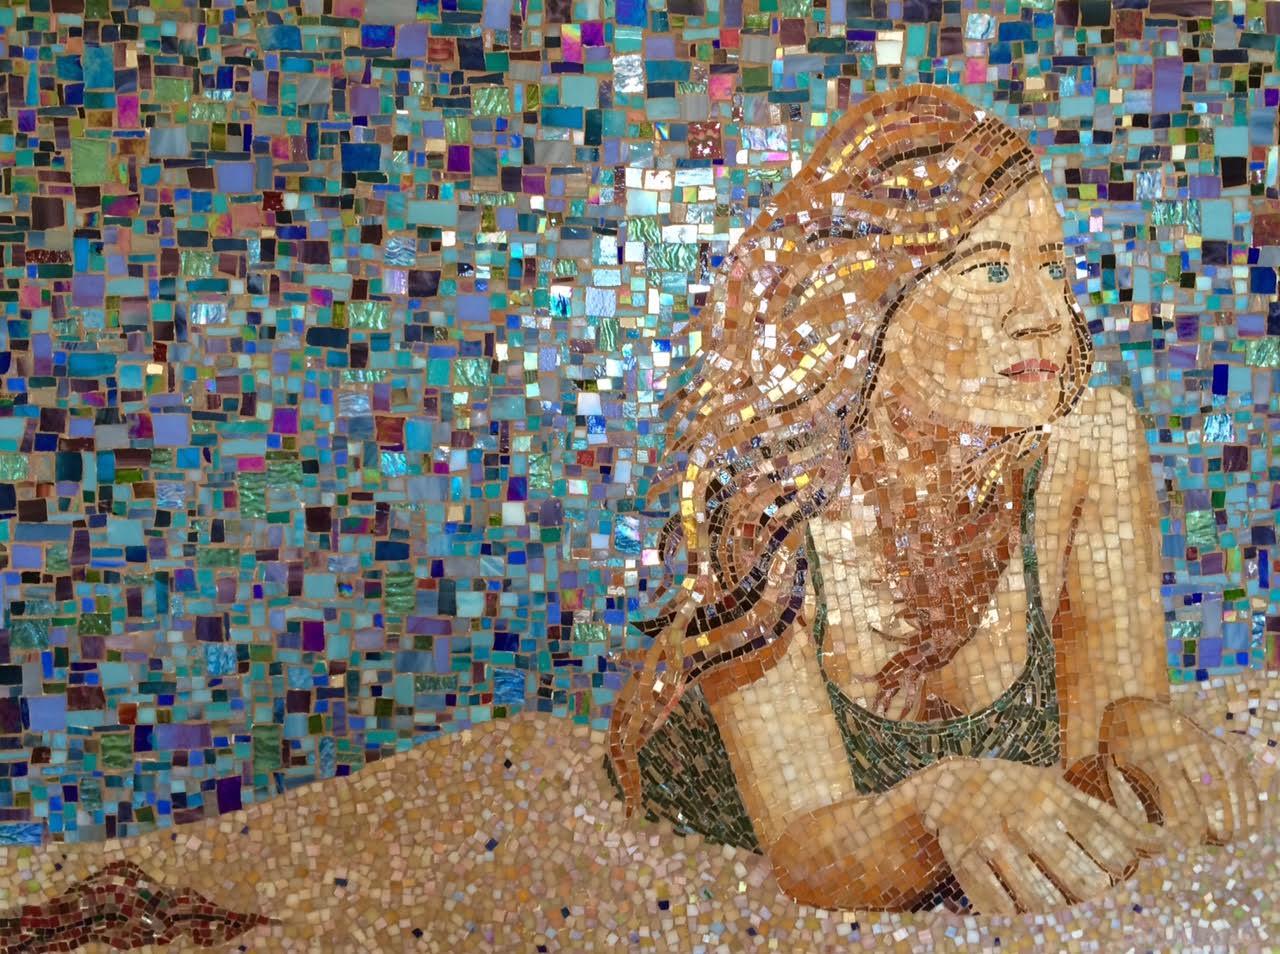 """""""ON THE BEACH"""" by Larissa Strauss, 48"""" x 32,"""" 2004."""